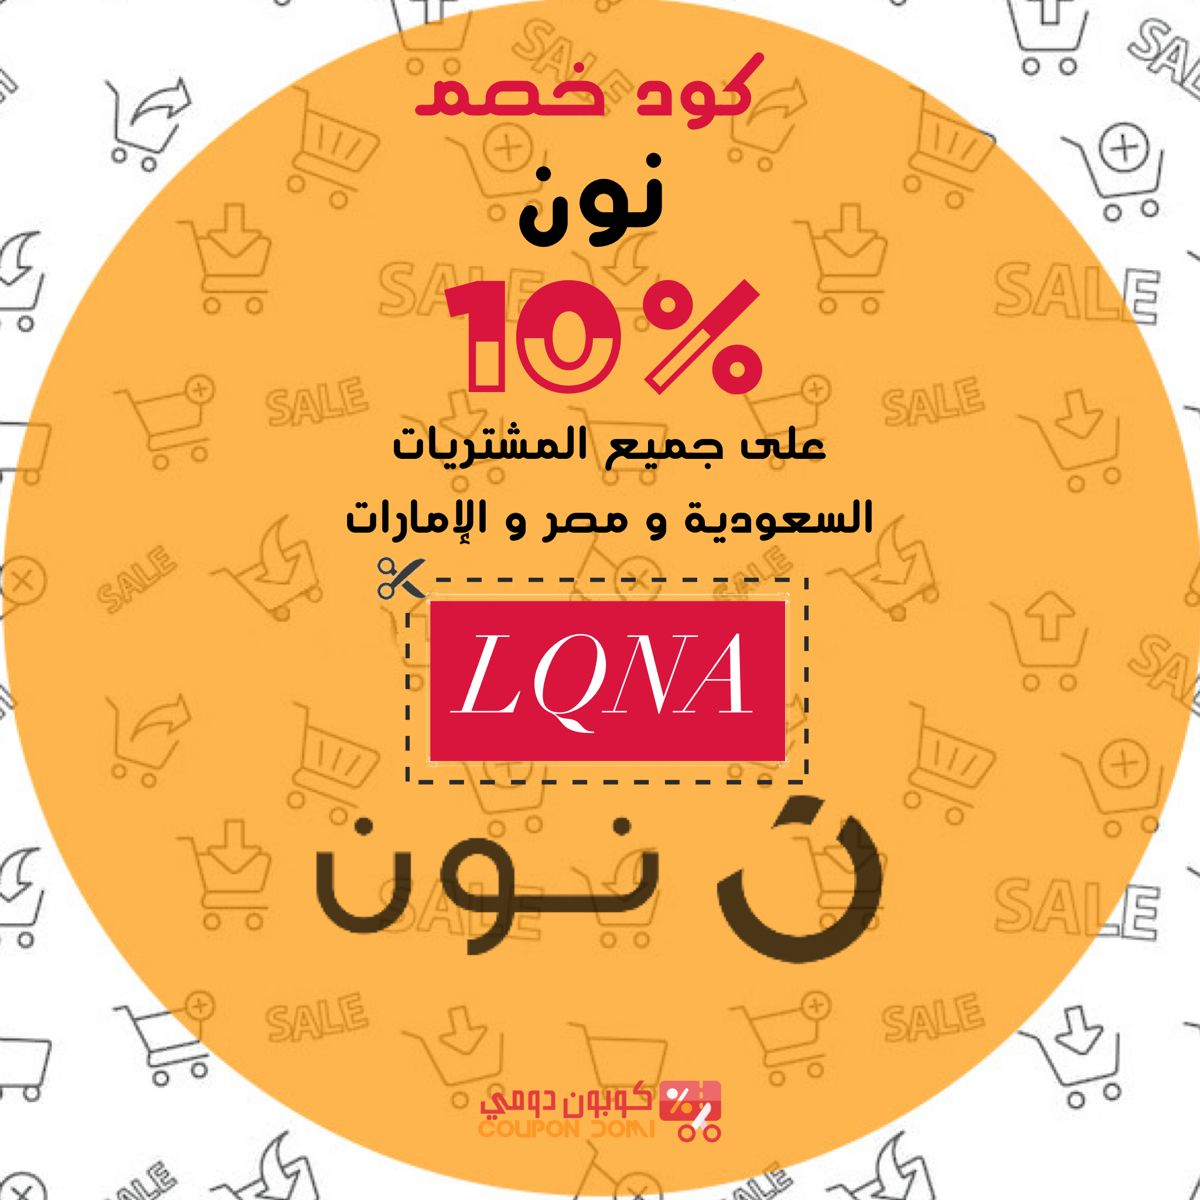 كود خصم نون السعودية و الإمارات و مصر 10 إضافية من Noon Ullo I 9 10 Things